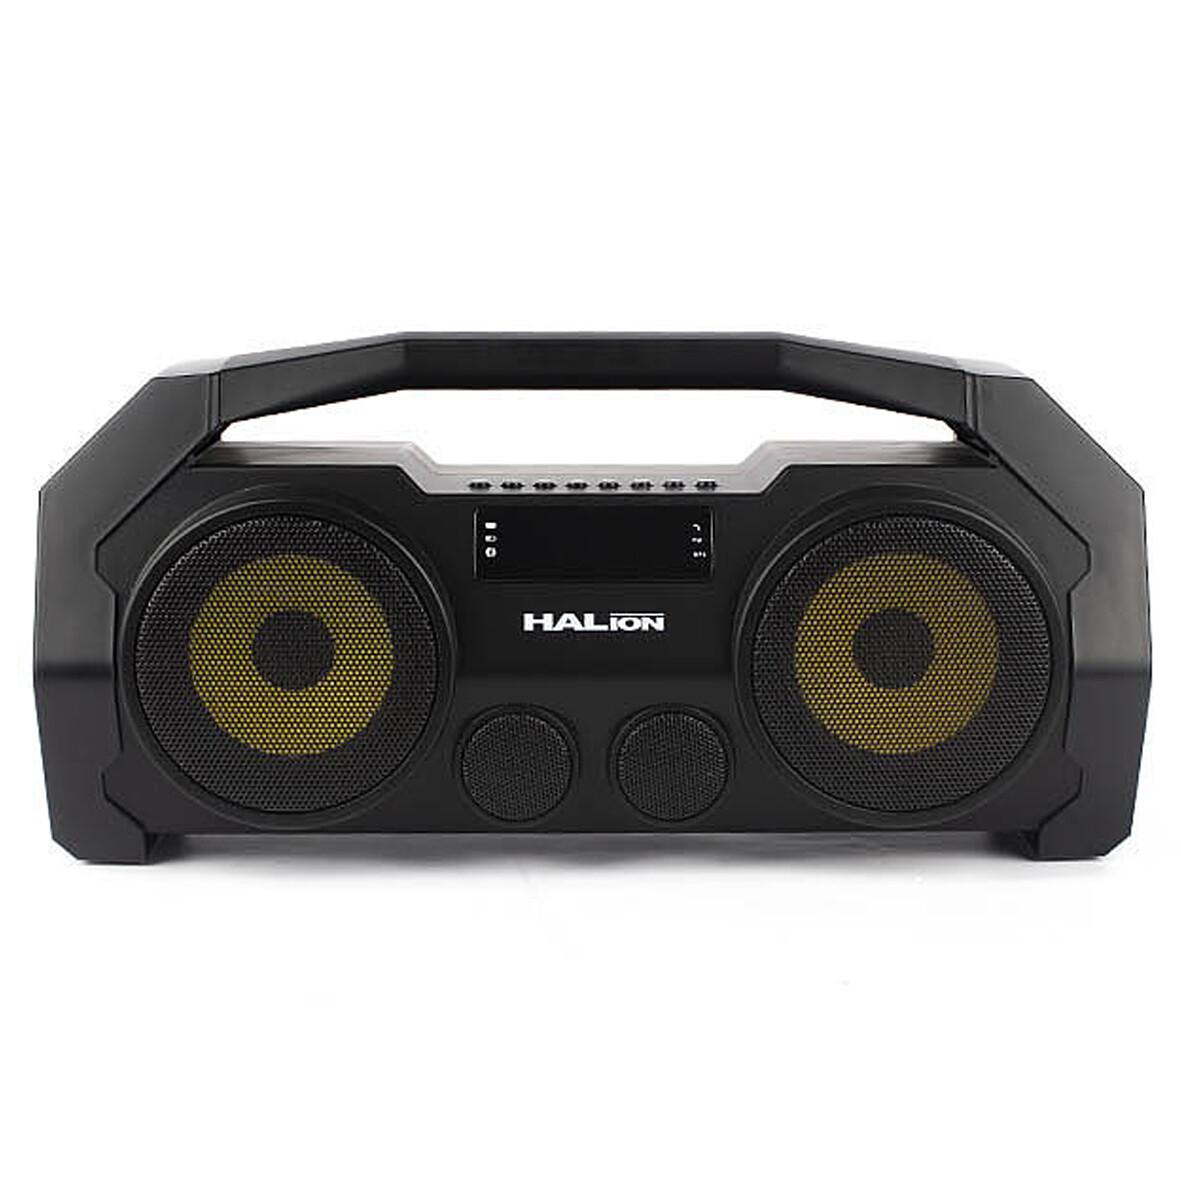 RADIO PARLANTE PORTATIL BLUETOOTH | FM | USB | TF CARD | HALION HA-R34 80W